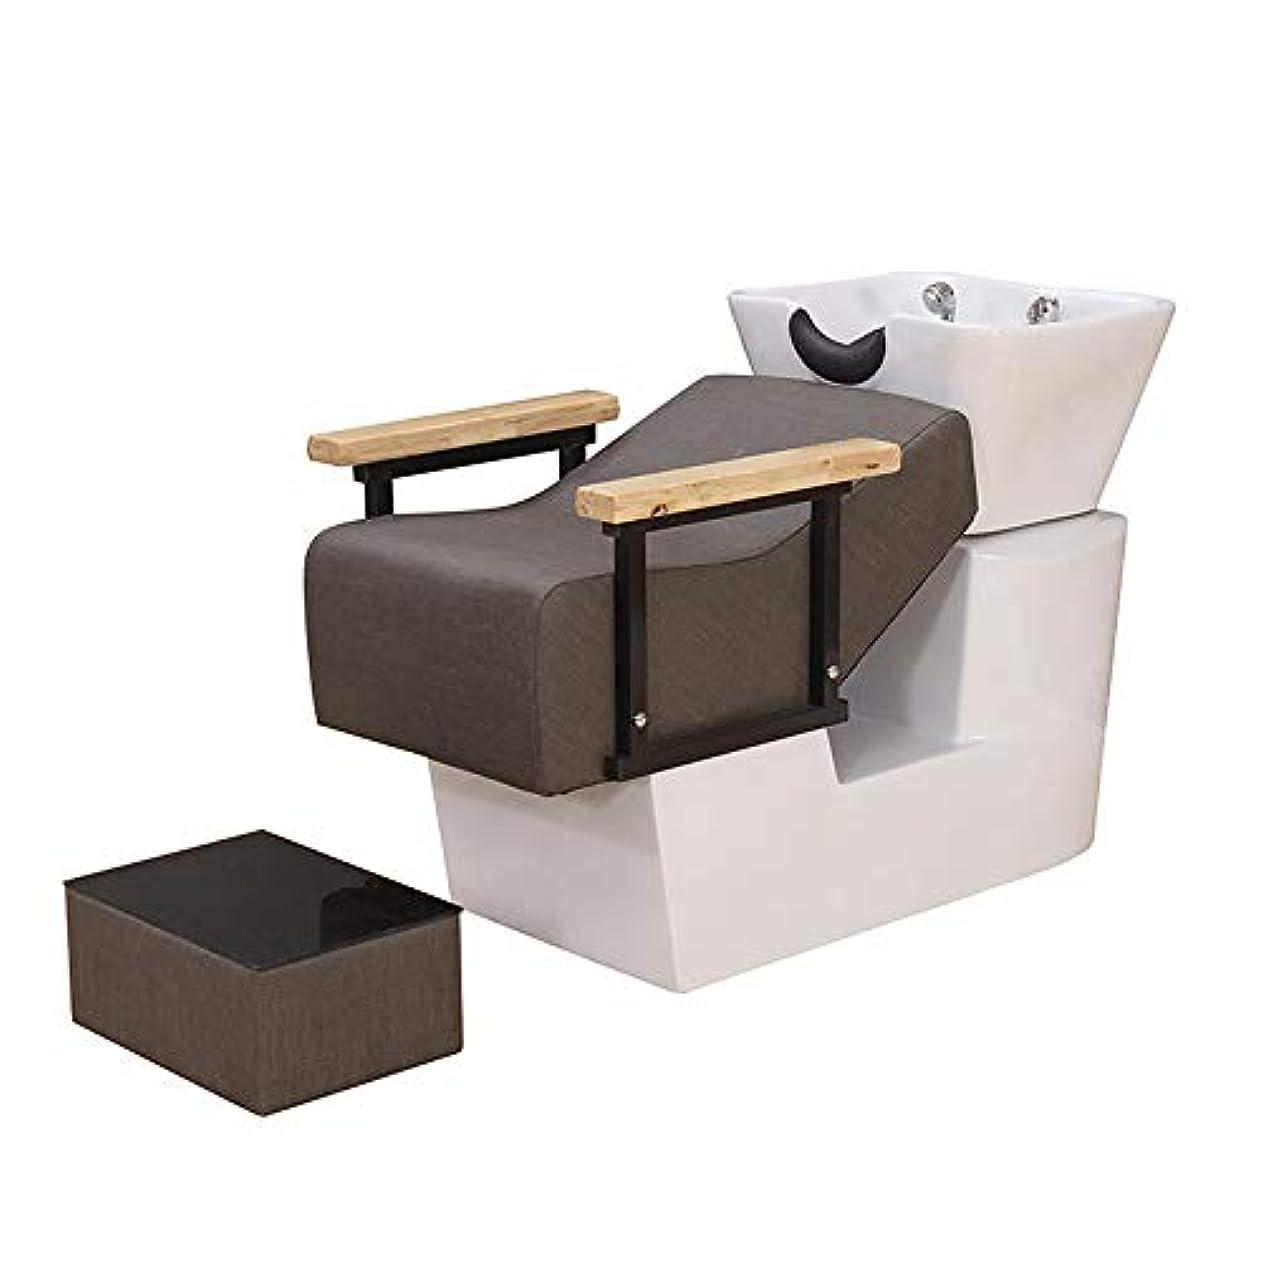 信頼性のある分注する貴重なシャンプーチェア、逆洗ユニットシャンプーボウル理髪シンクシンクチェア用スパ美容院機器用半埋め込みフラッシュベッド